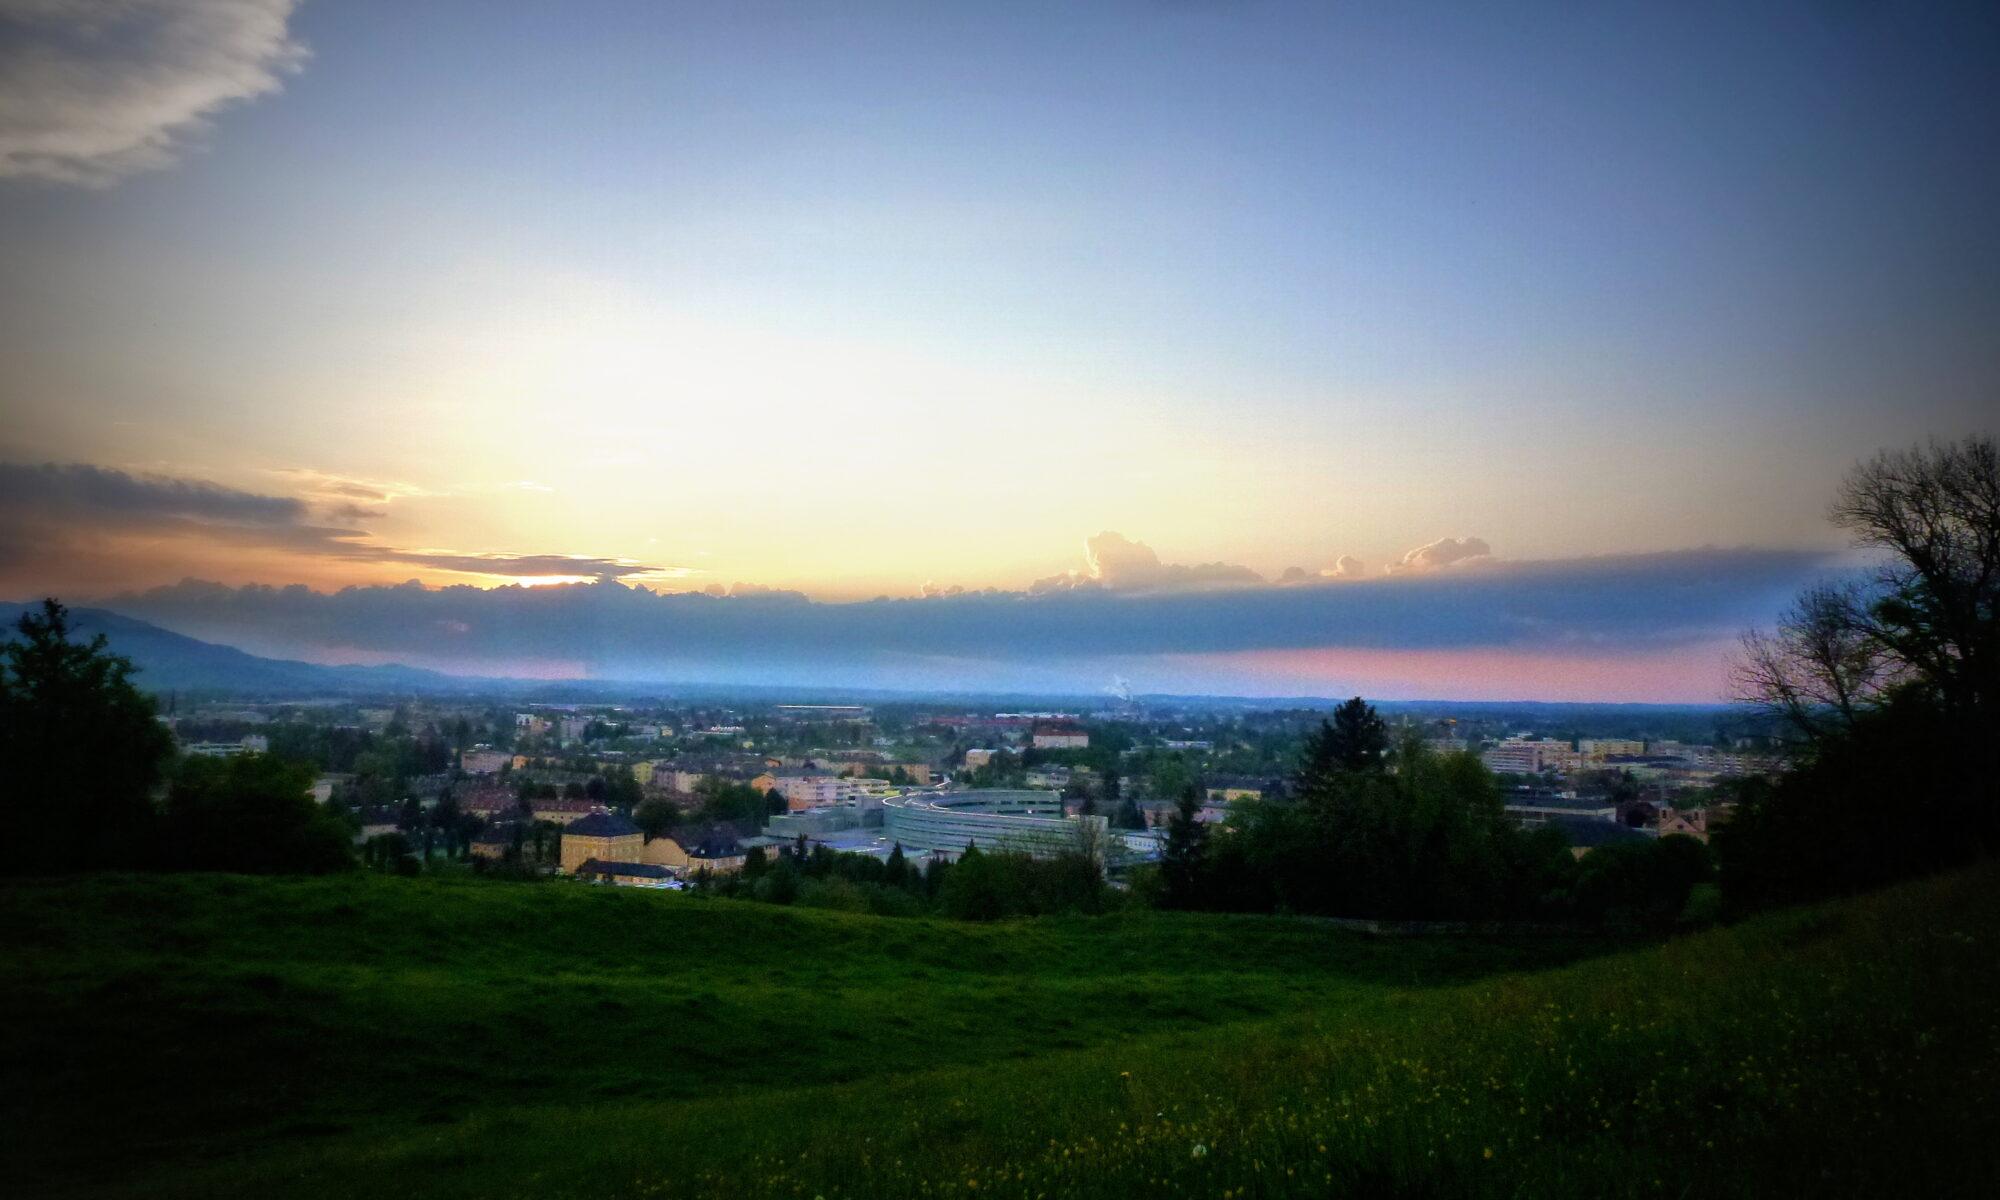 himmel auf erden am mönchsberg foto von emanuel one von salzburg nischen